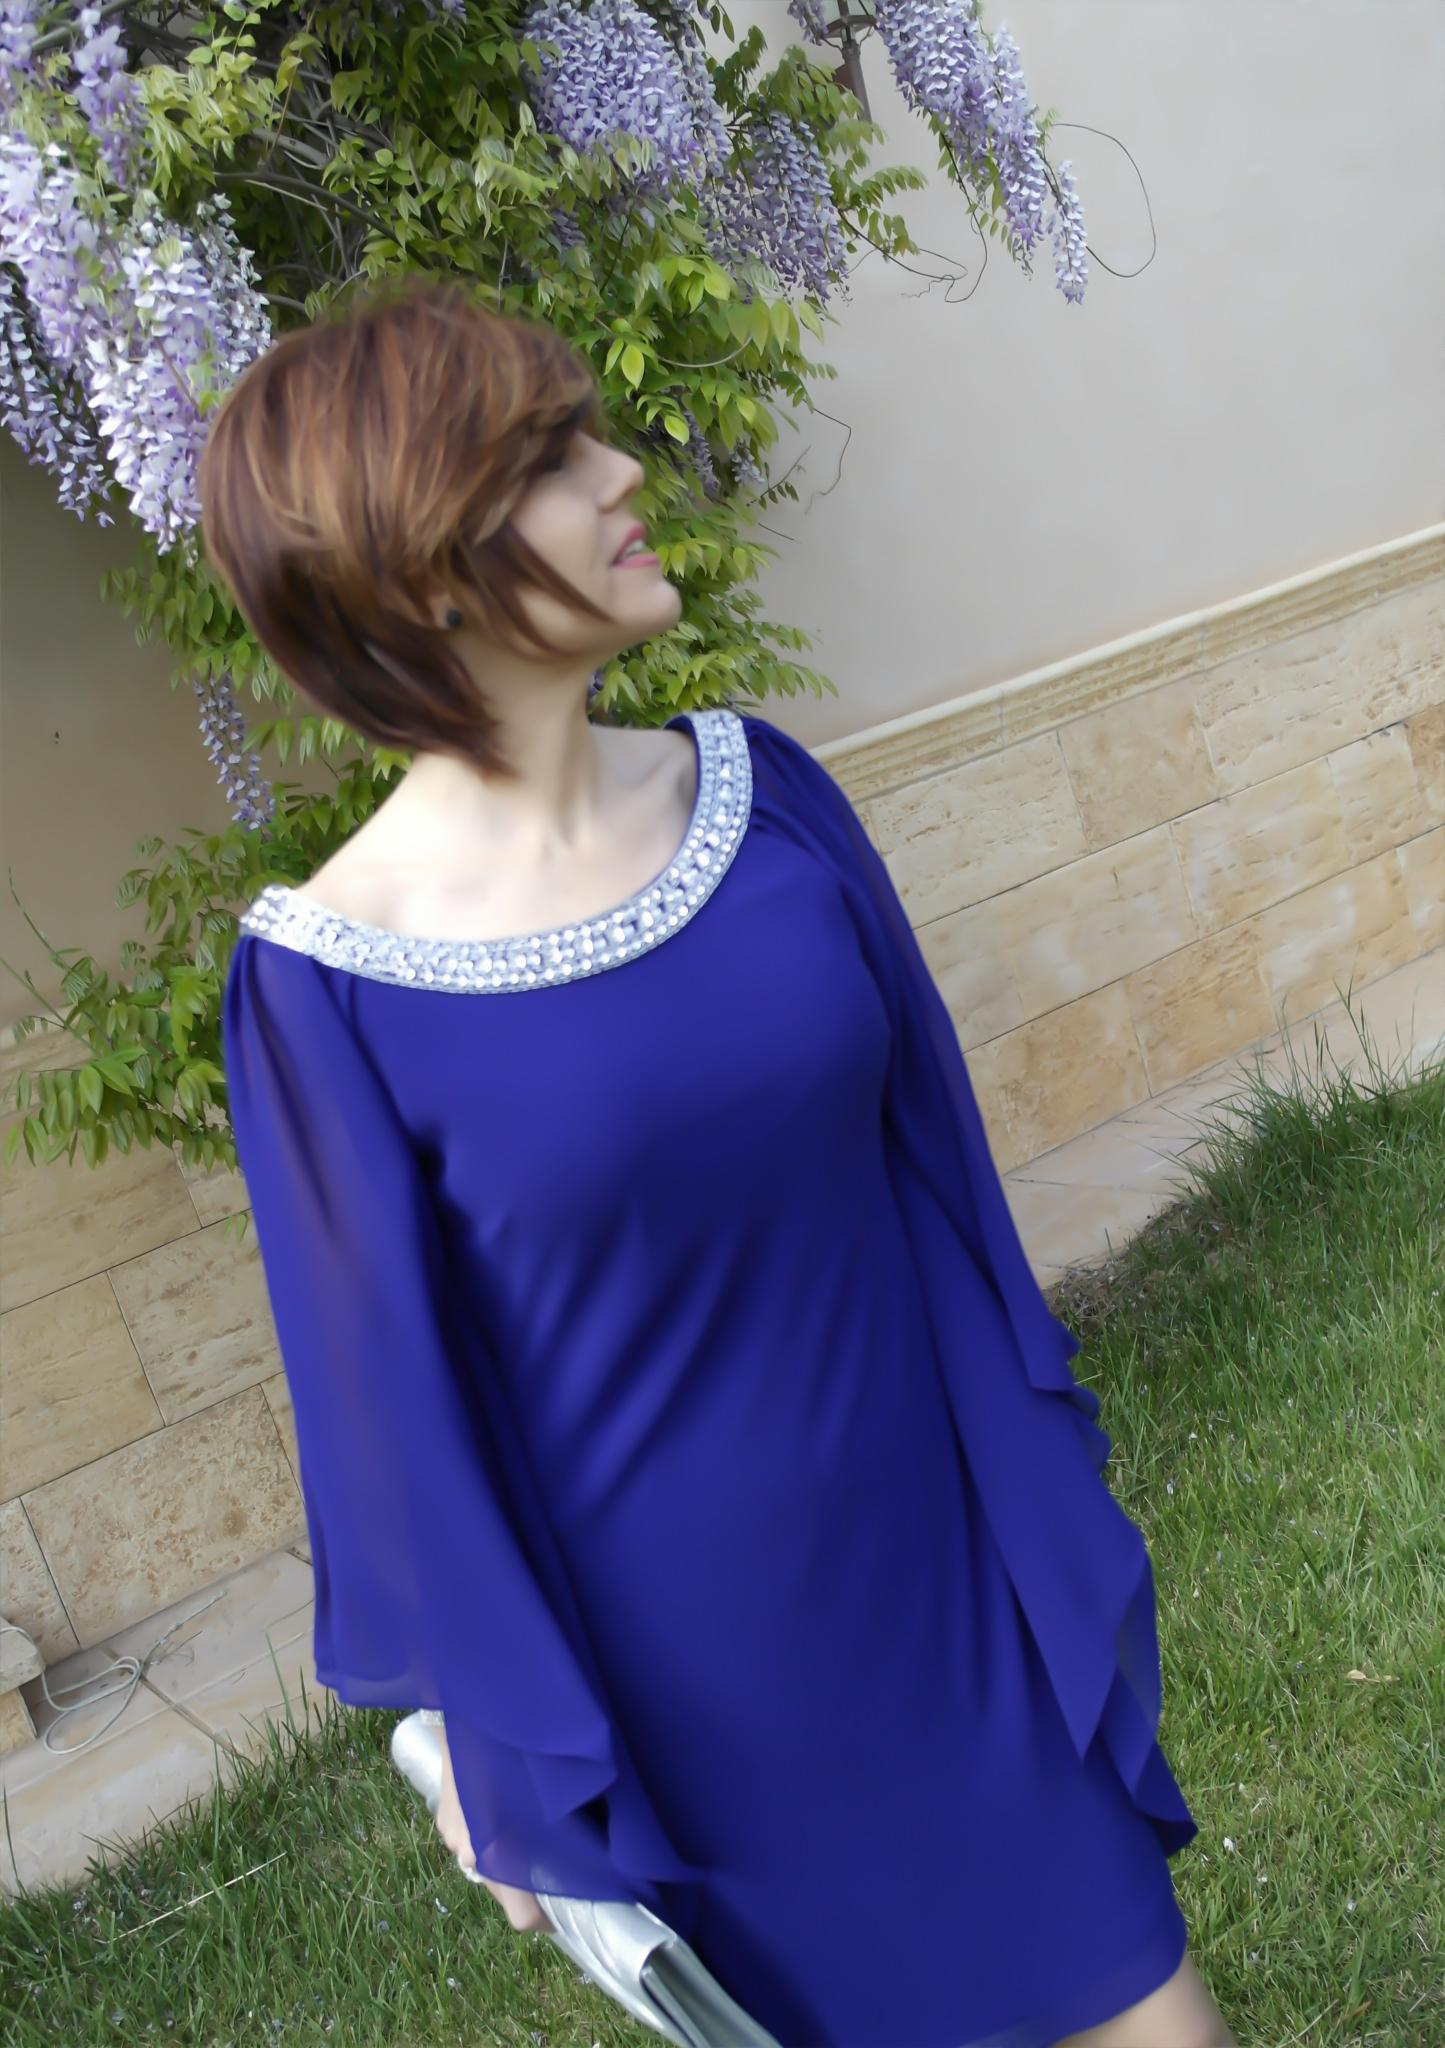 buy popular 59f3d 11fac zapatos ROMY azul Vestido y para CON ESTILISMO de fiesta combinar xpxPfwq